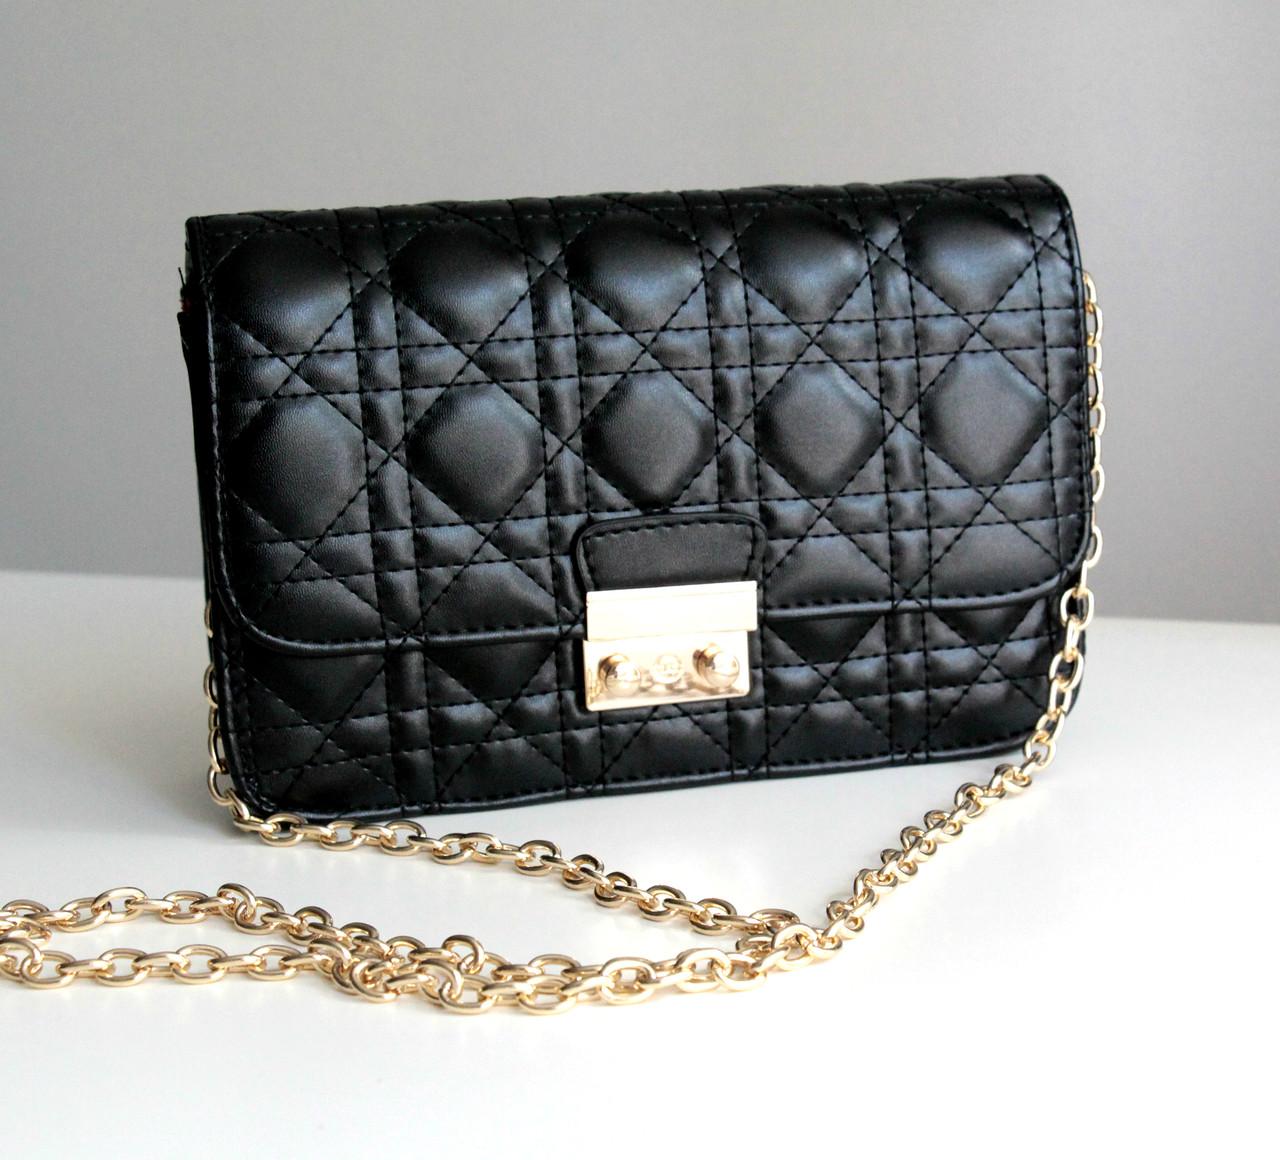 1292254b2516 Женская сумка в стиле Dior black, сумки женские 2016 - Интернет-магазин